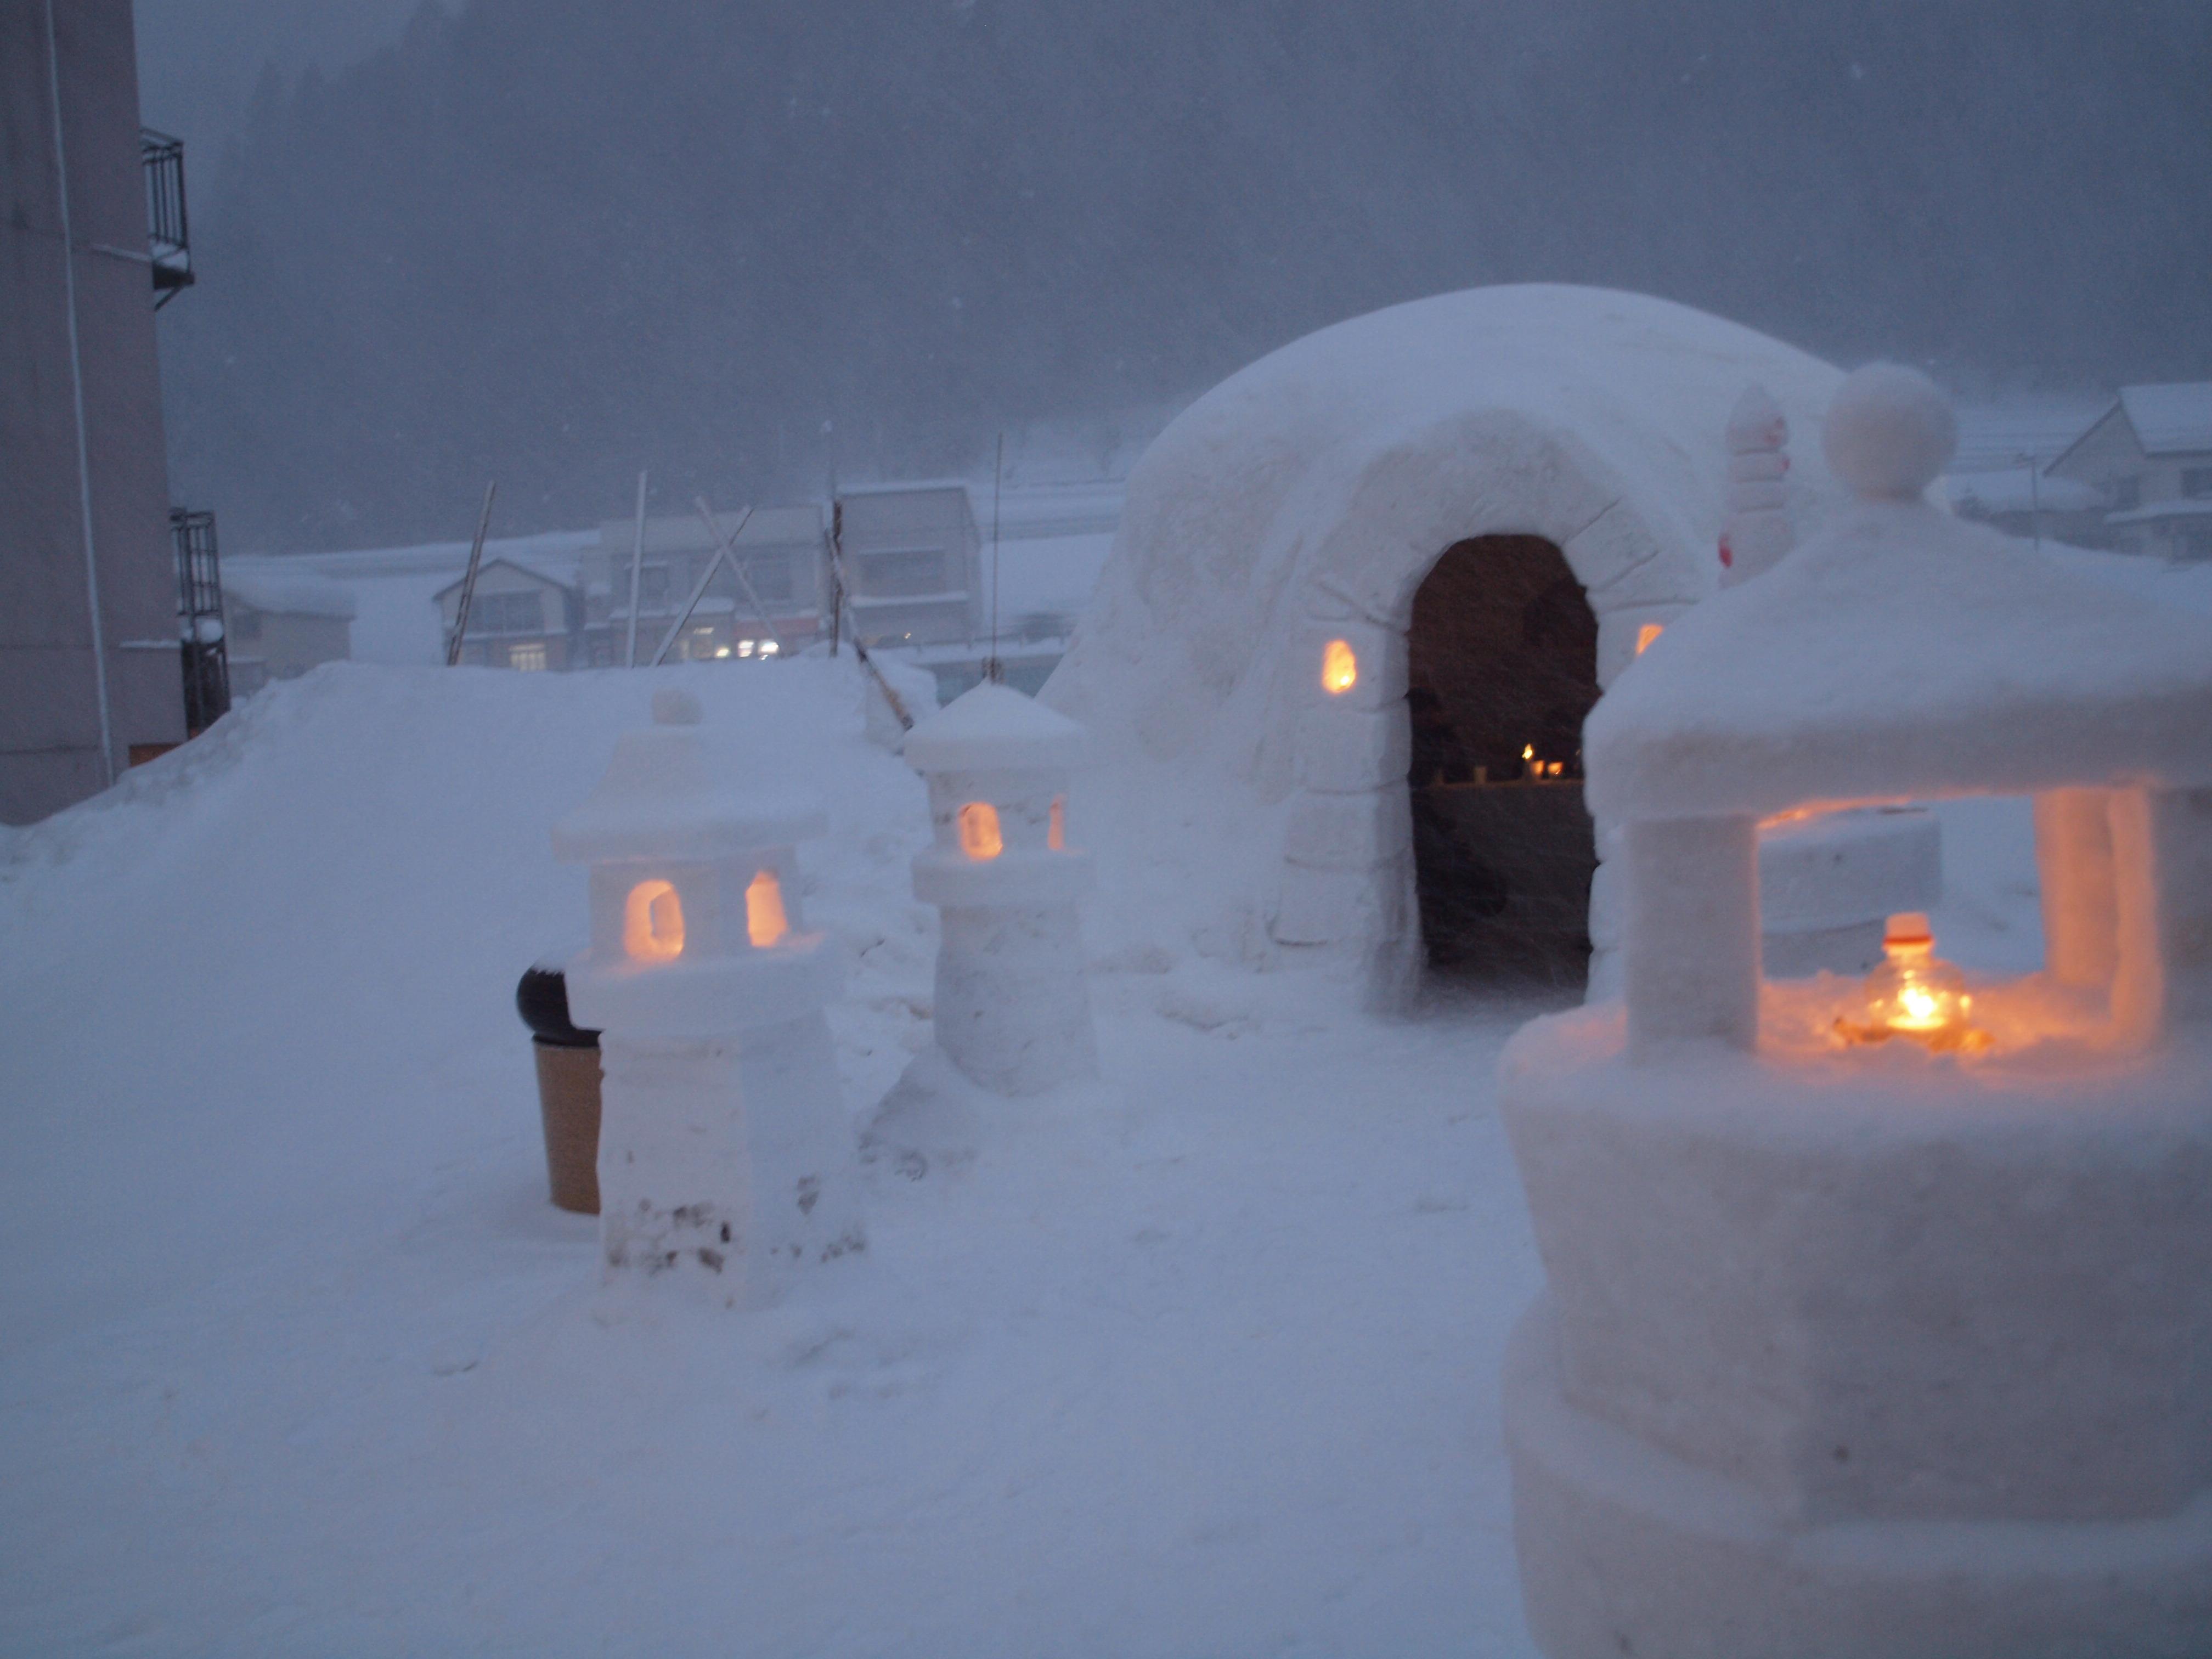 瀬見温泉 雪まつり、開催日程変更のお知らせ:画像